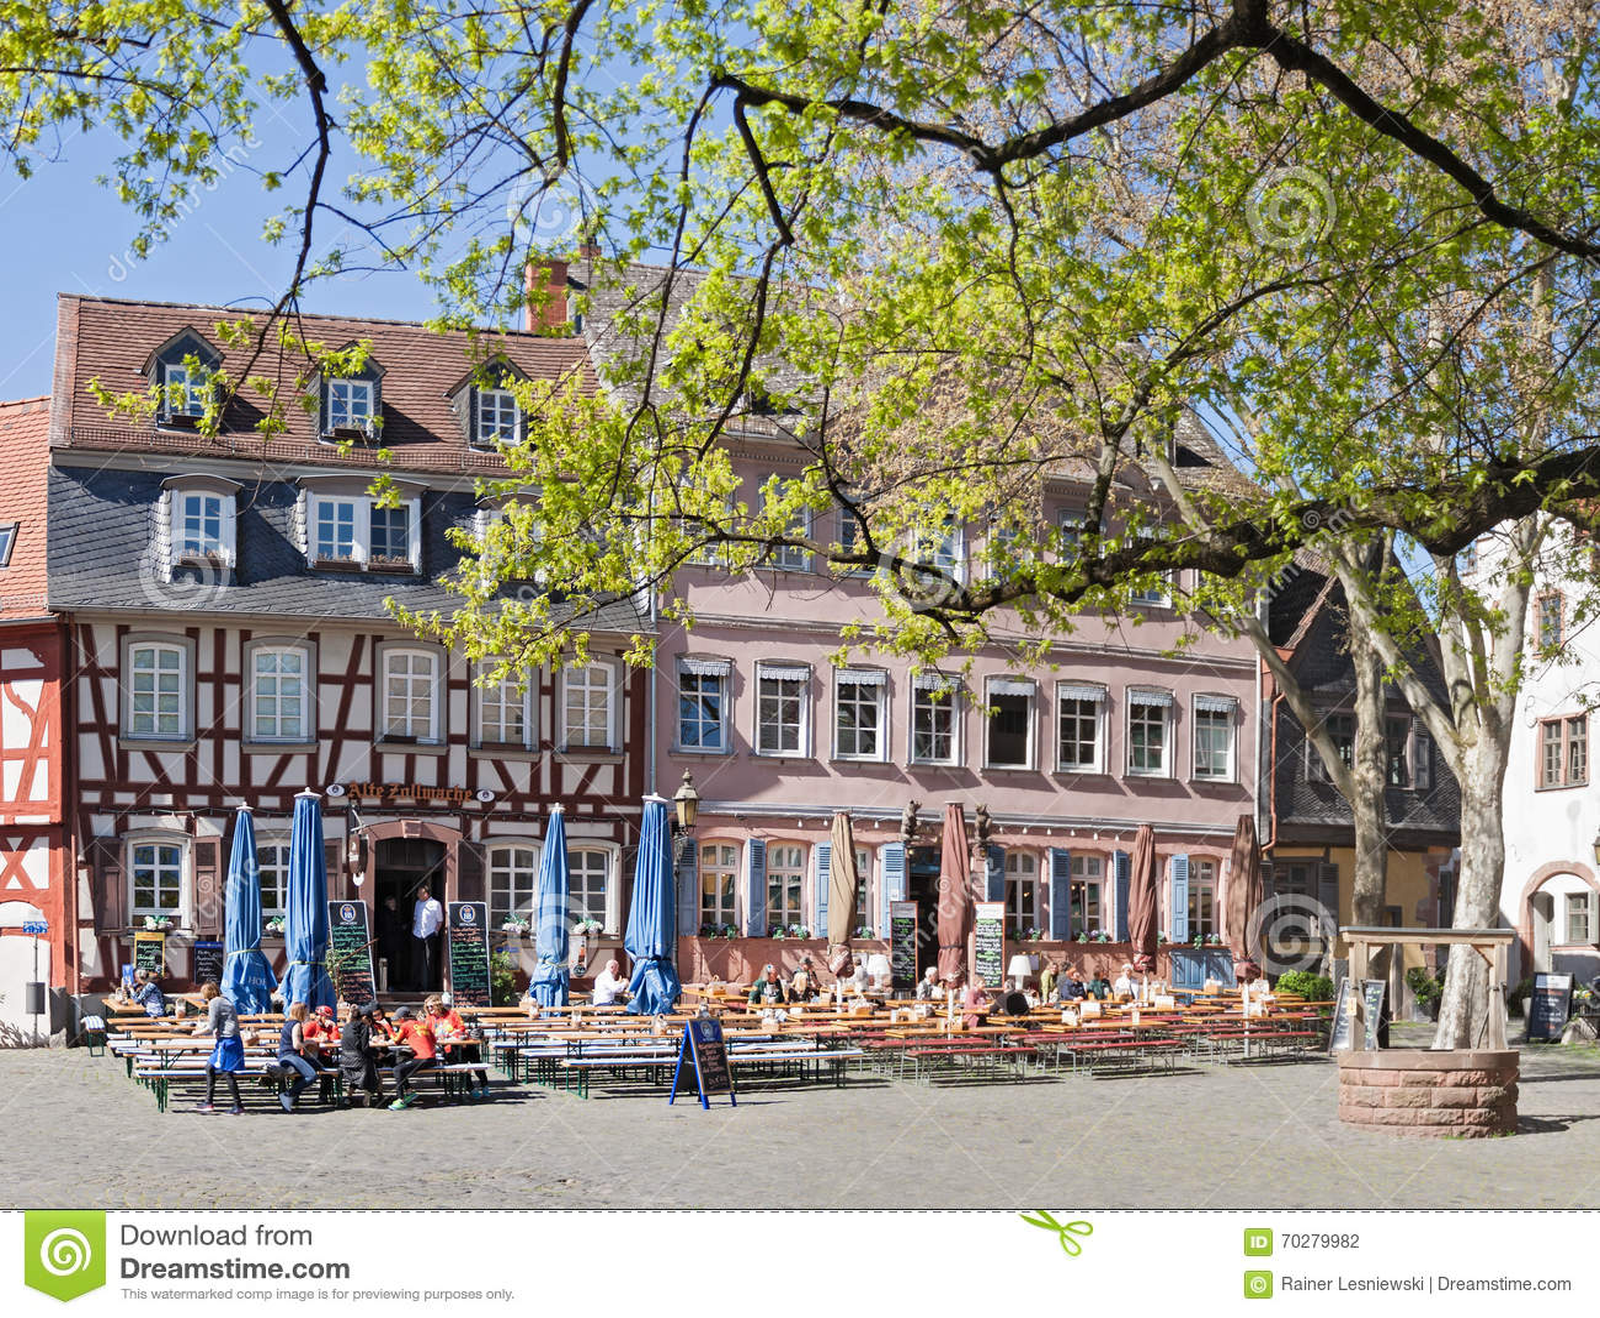 Frankfurt Höchst Restaurant : historic palace square in frankfurt hoechst editorial ~ A.2002-acura-tl-radio.info Haus und Dekorationen